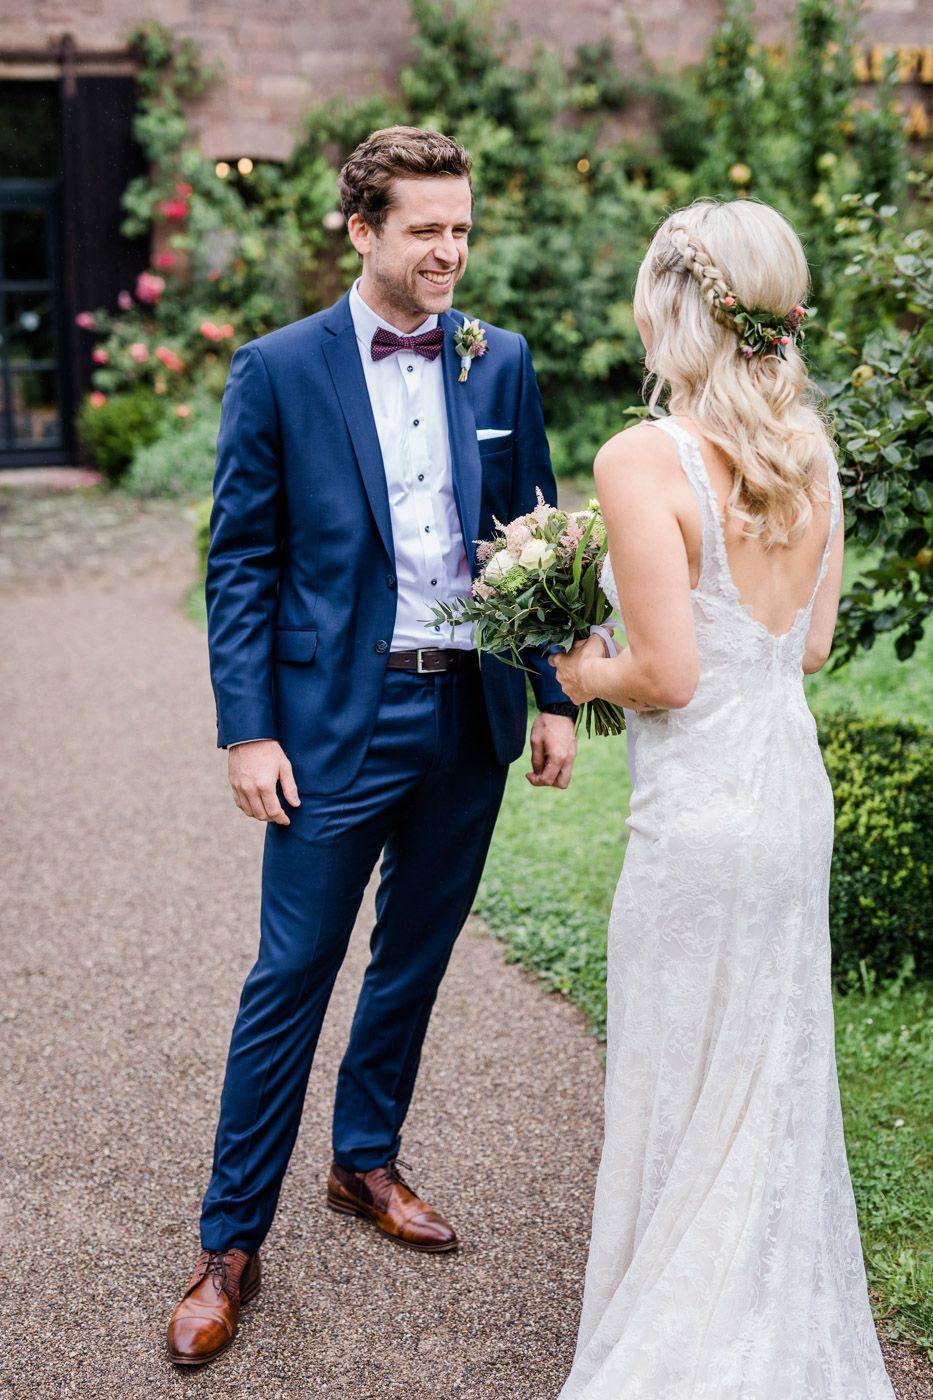 blauer anzug bräutigam vintage hochzeit | hochzeit anzug